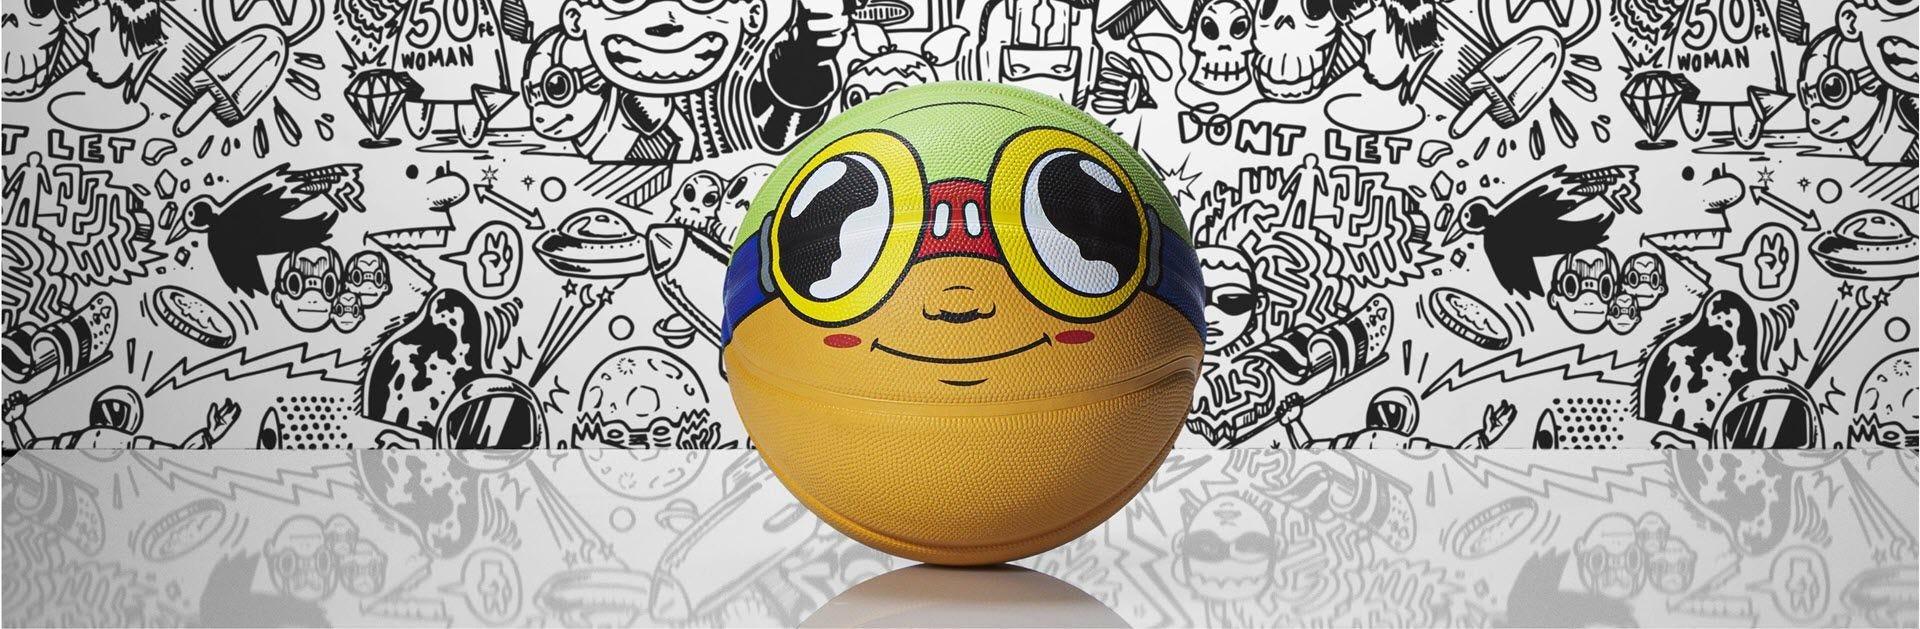 Hebru Brantley Flyboy artwork painted on basketball